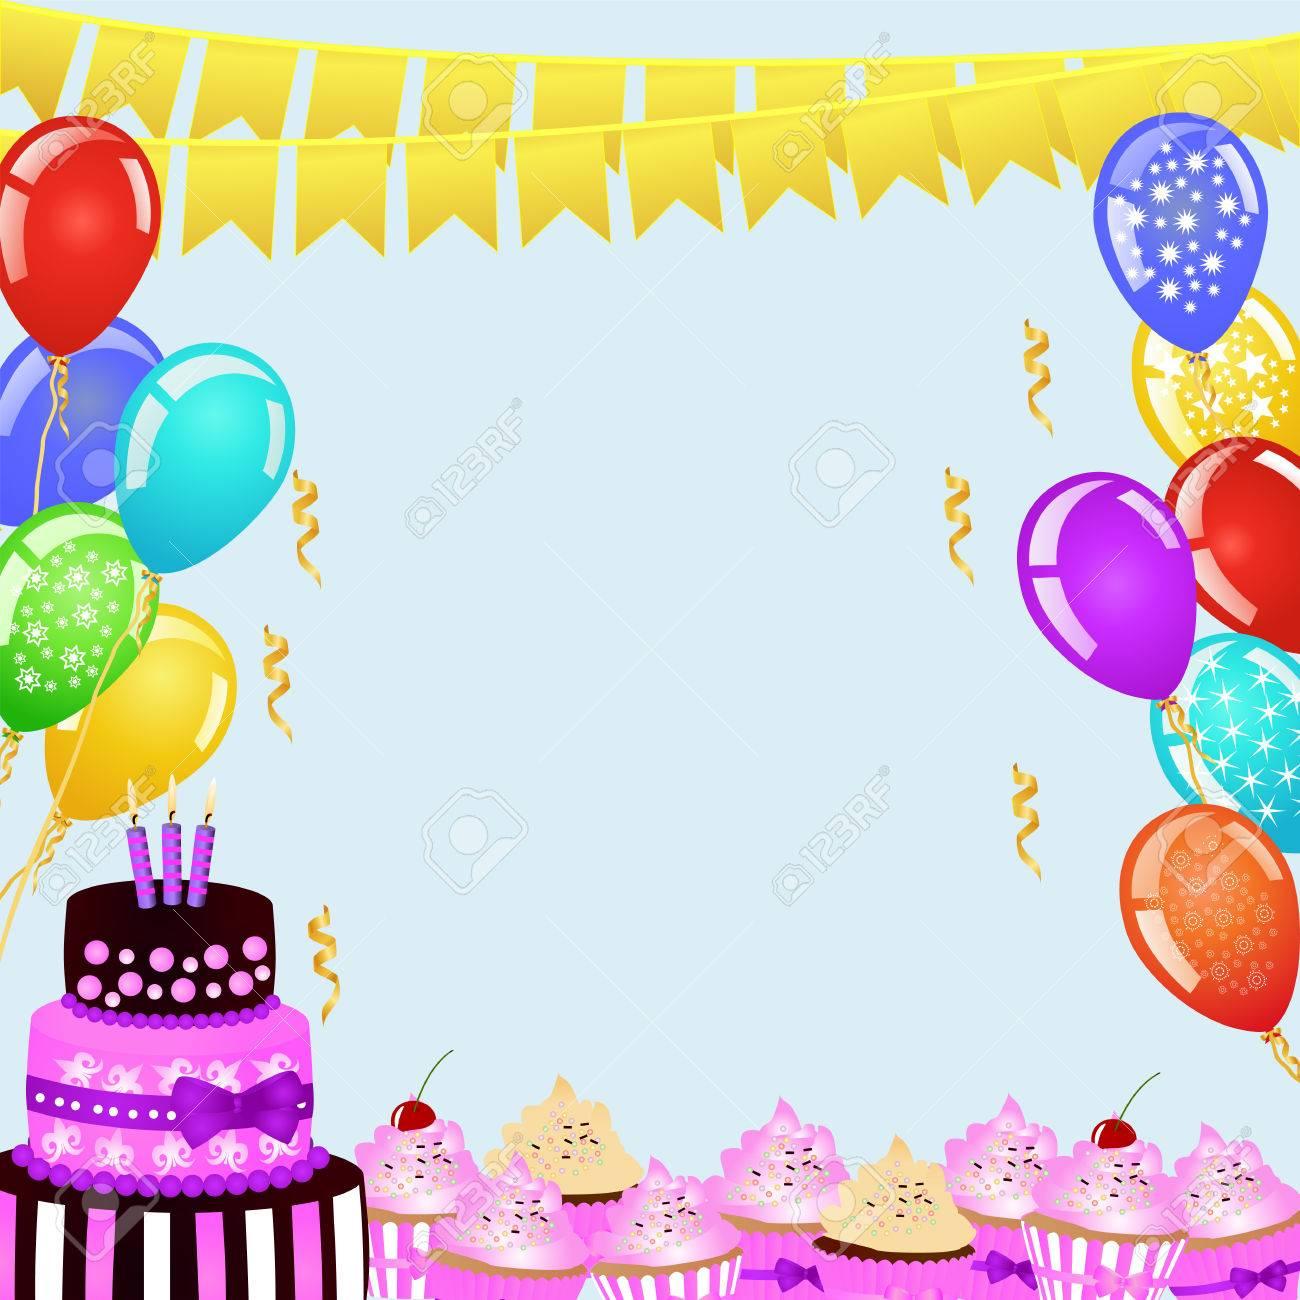 Geburtstags-Party Mit Hintergrund Bunting Fahnen, Luftballons ...